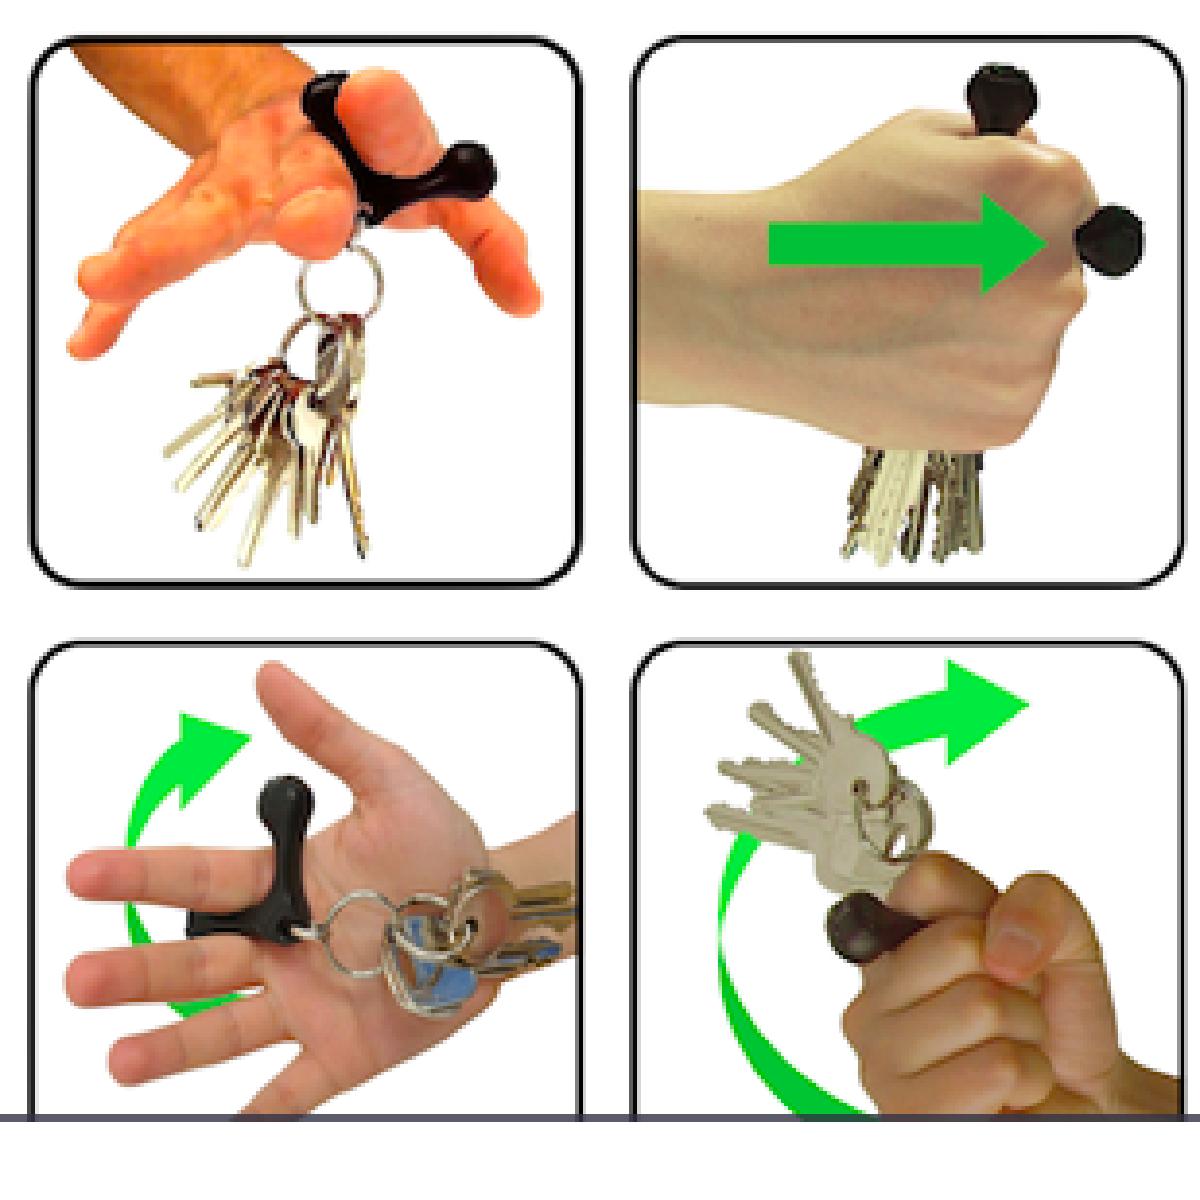 Voici comment tenir et servir du porte-clés de self-défense Yoogo